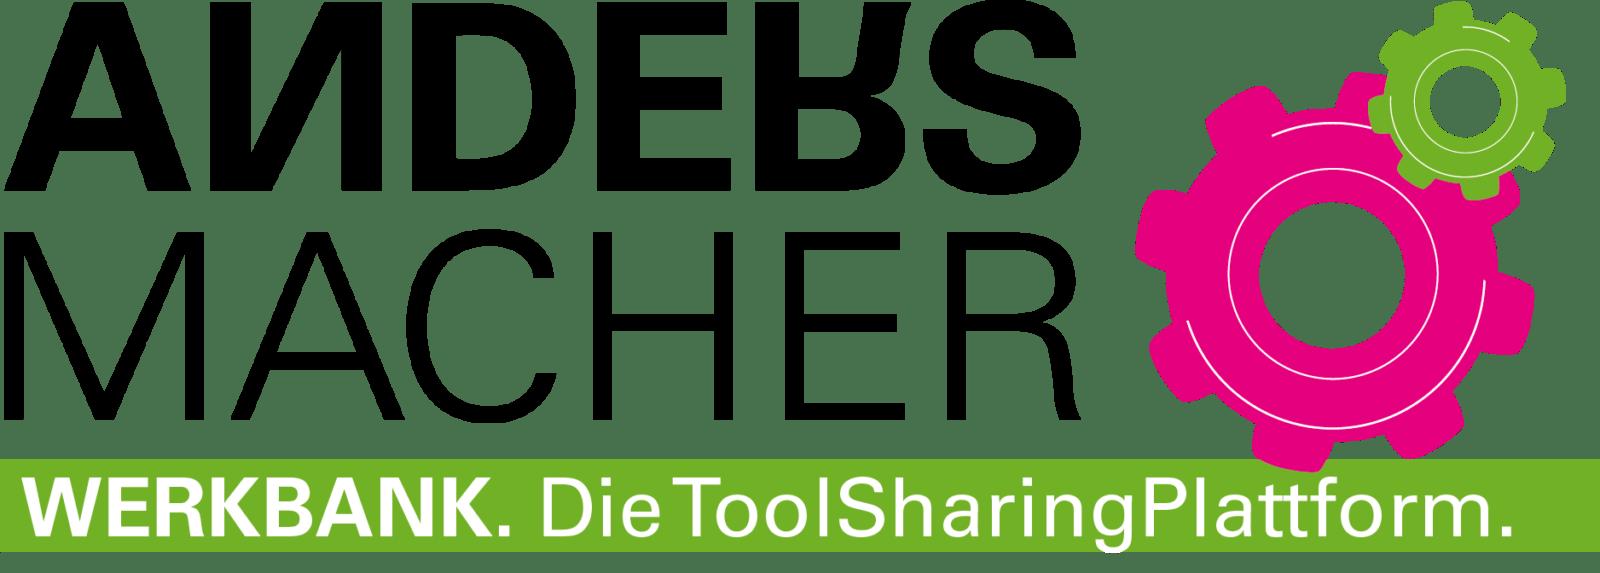 Andersmacher Grafiken für die ToolSharingPlattform, Werkbank